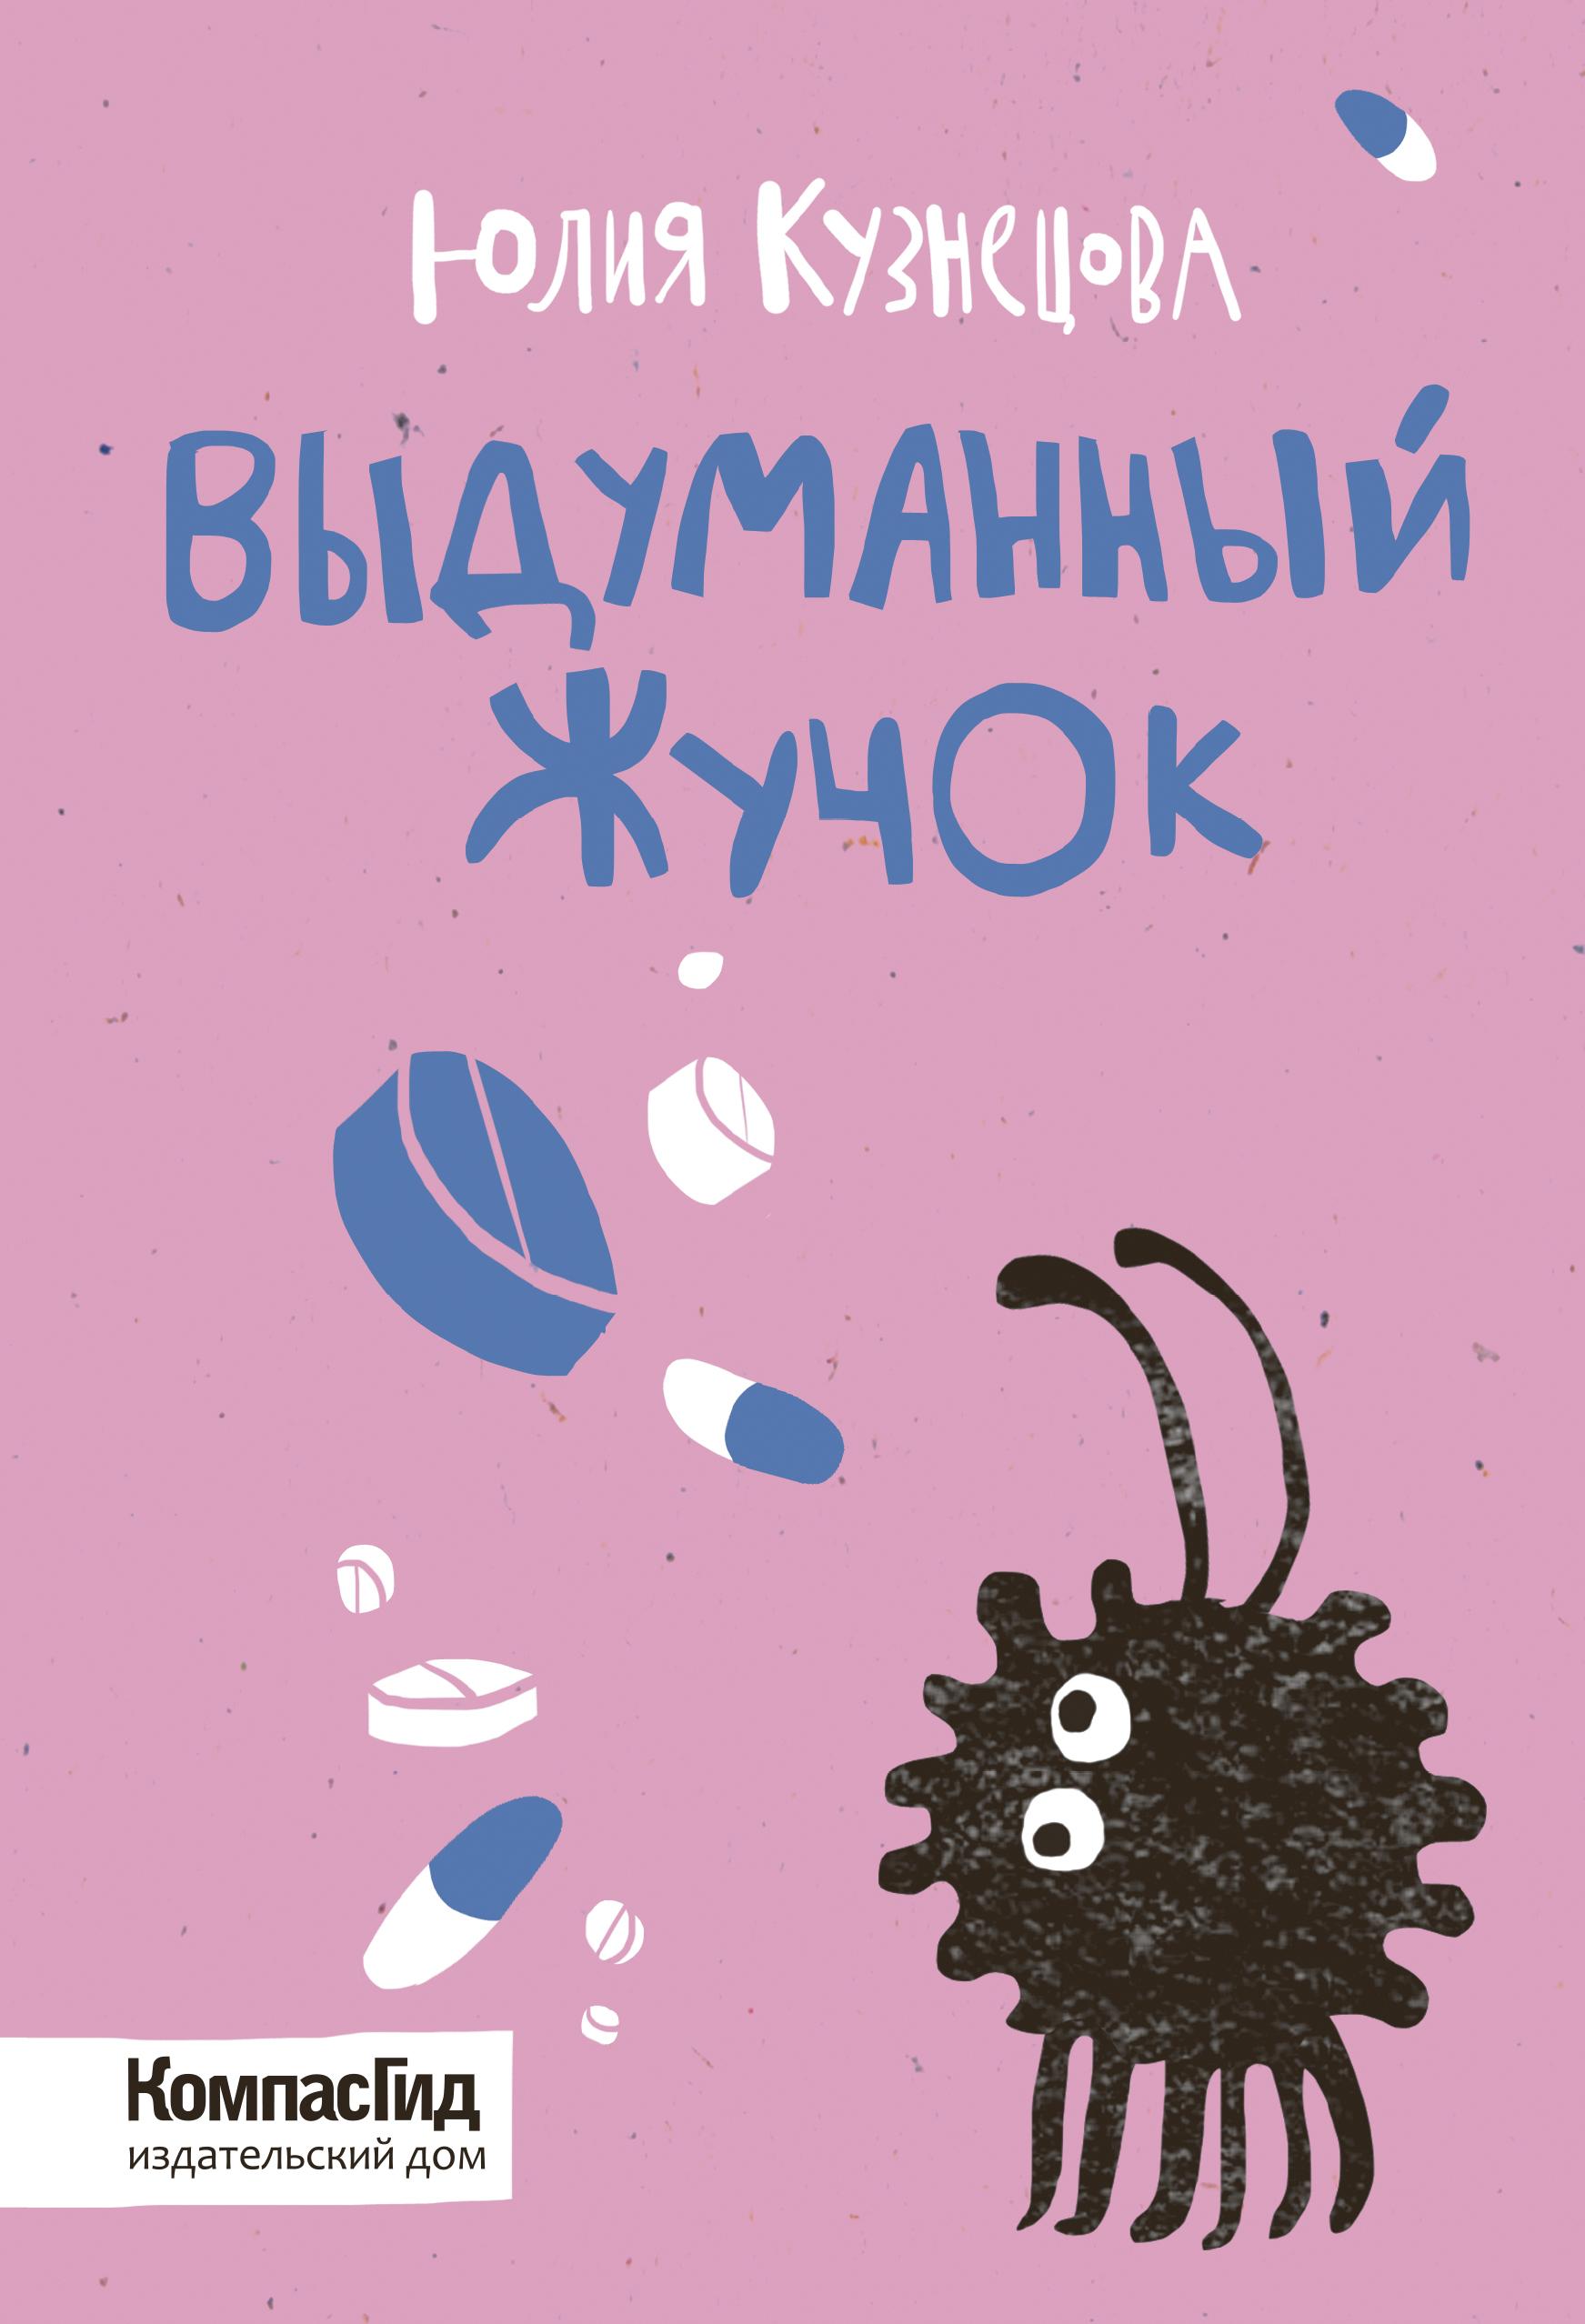 Юлия Кузнецова Выдуманный Жучок кузнецова юлия выдуманный жучок с автографом автора